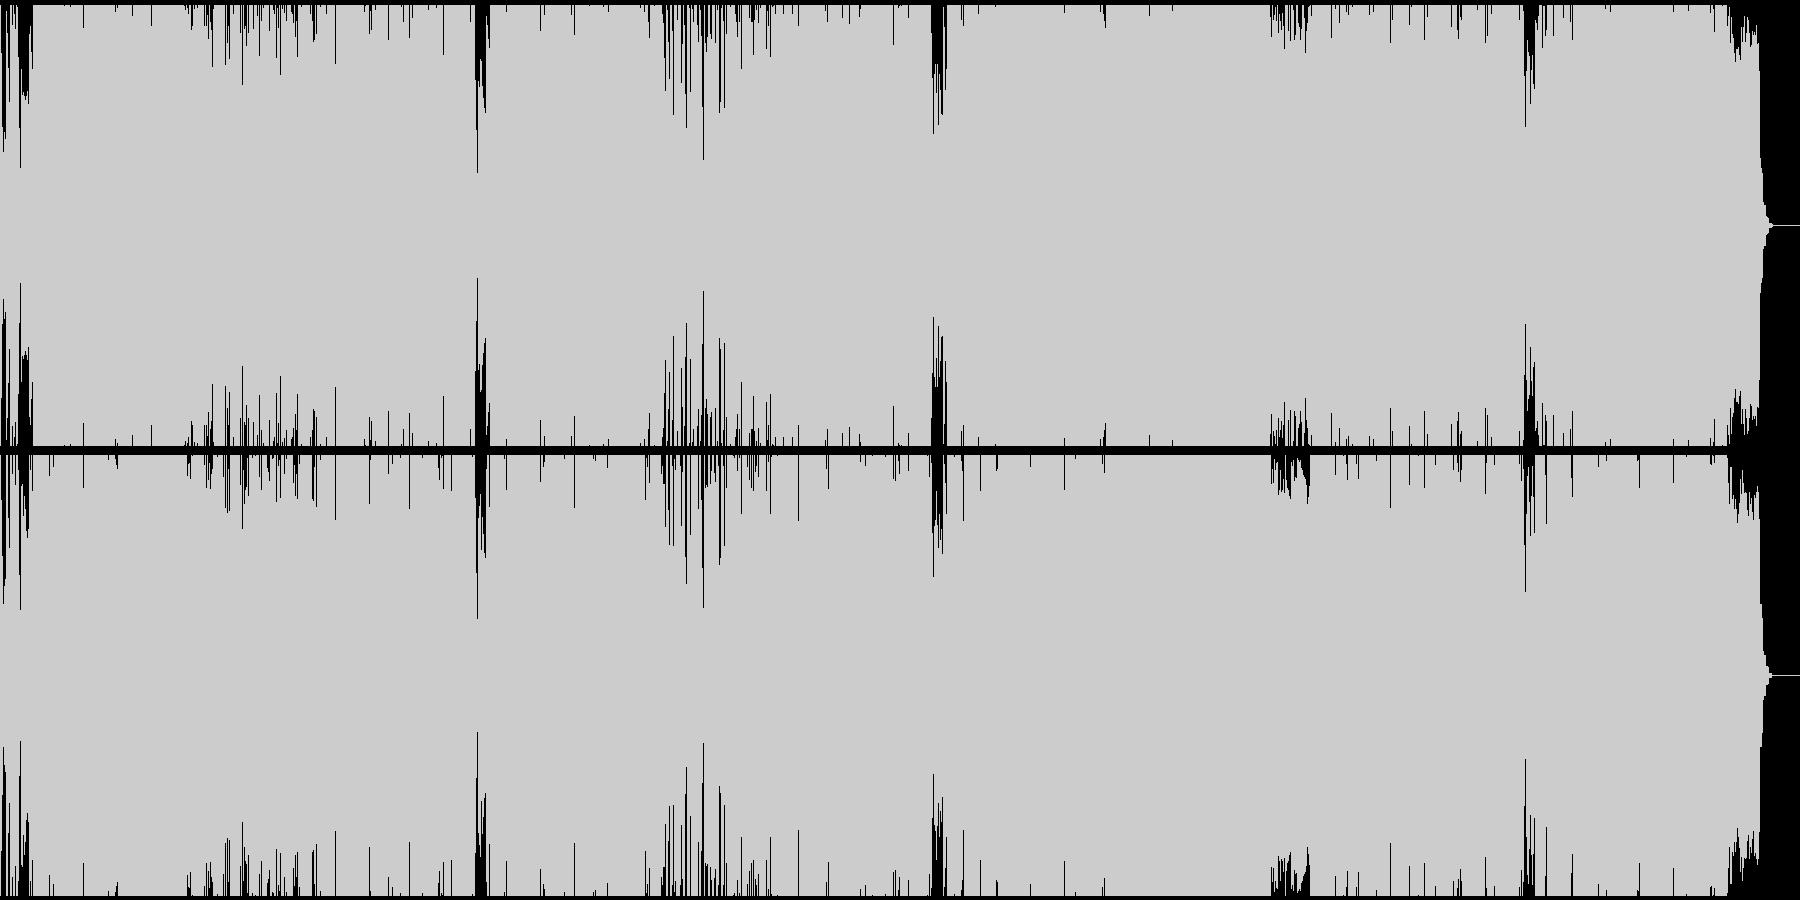 女性ボーカル/テクノポップの未再生の波形